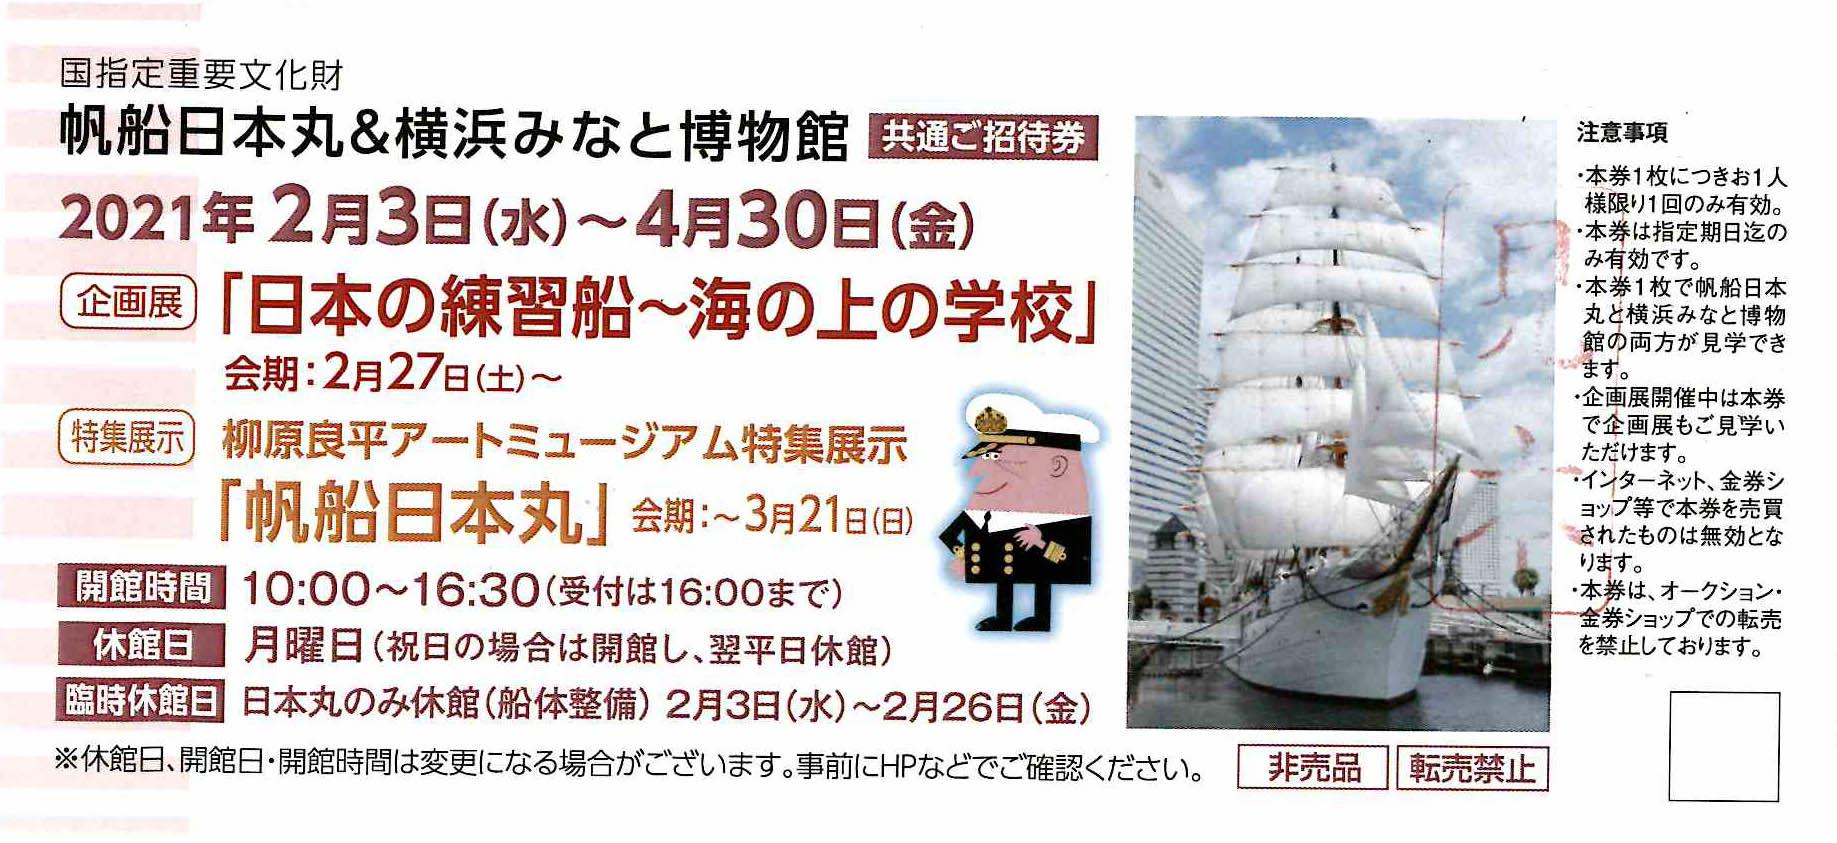 朝日新聞招待チケット